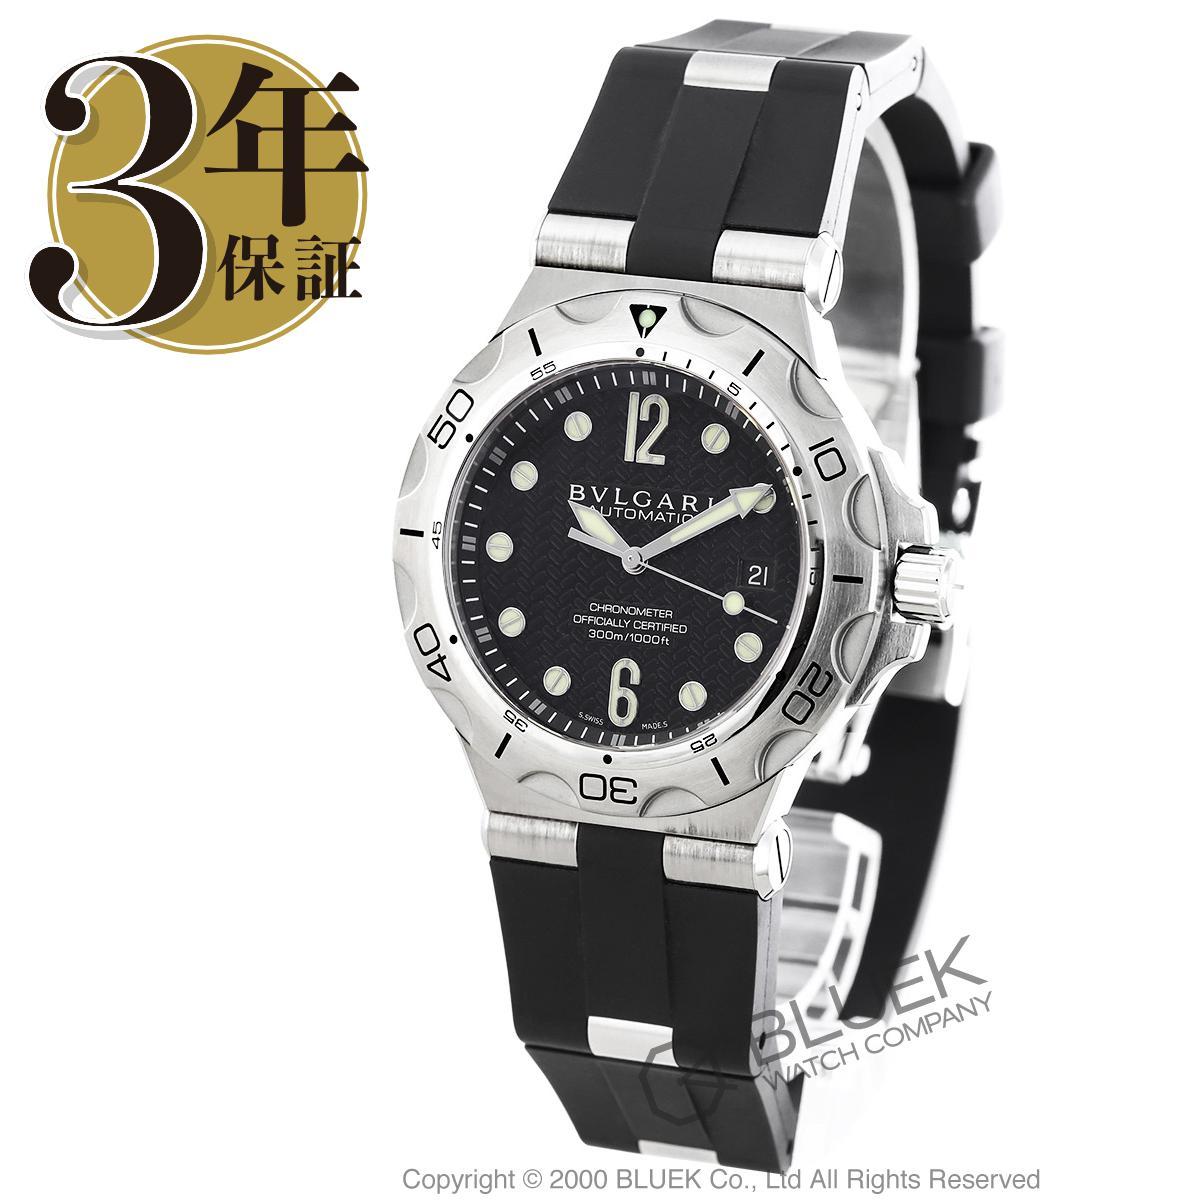 ブルガリ BVLGARI 腕時計 ディアゴノ プロフェッショナル スクーバ 300m防水 メンズ DP42BSVDSD_8